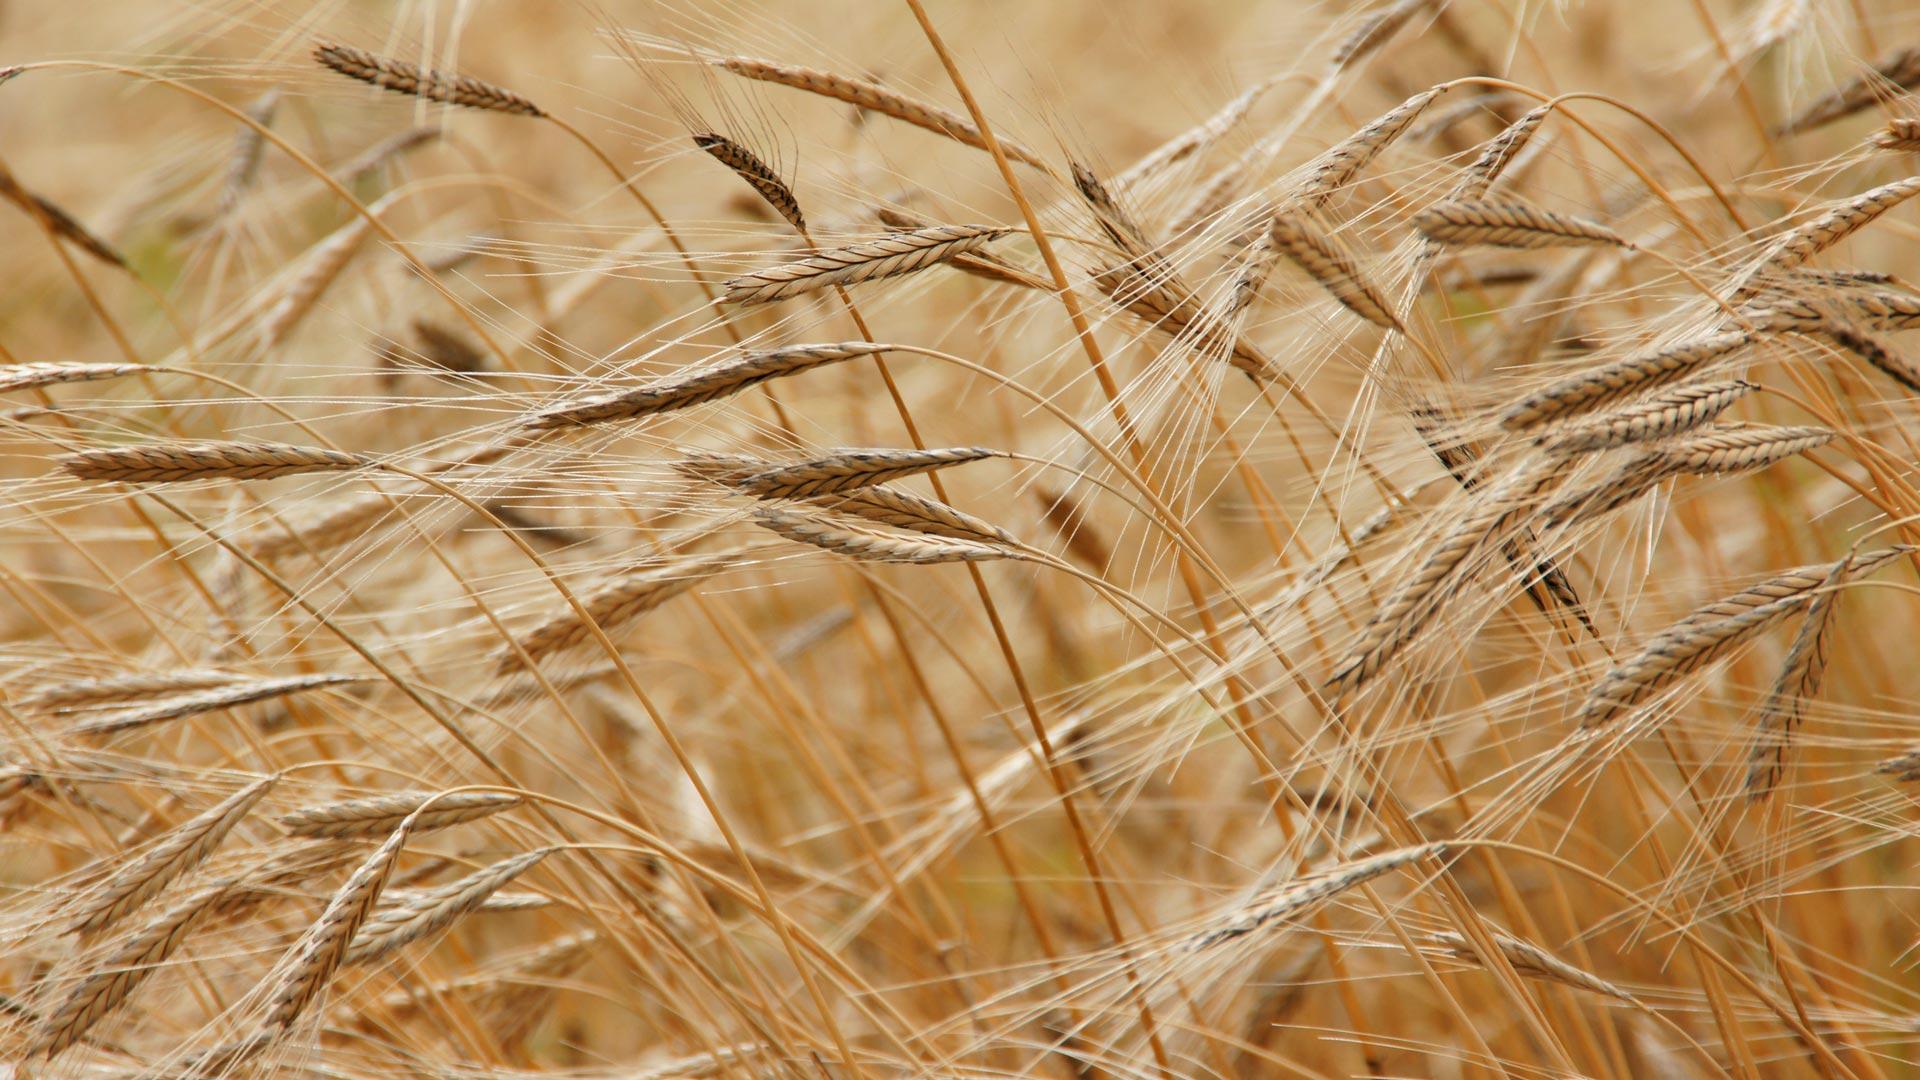 agricultura intelitegente